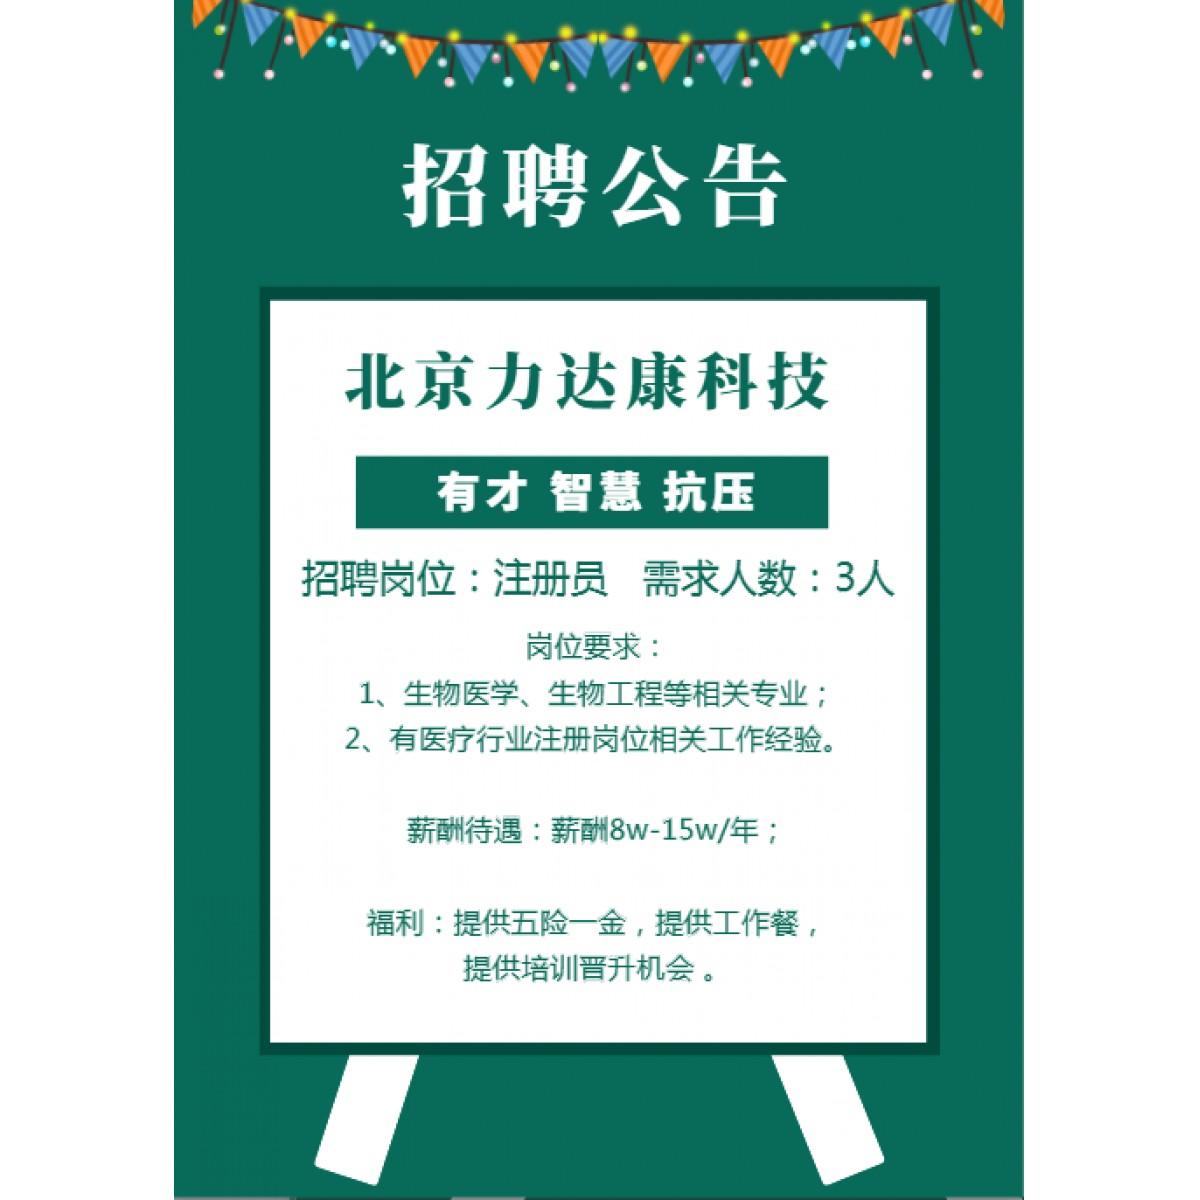 北京力达康科技有限公司 招聘岗位:注册员   需求人数:3人